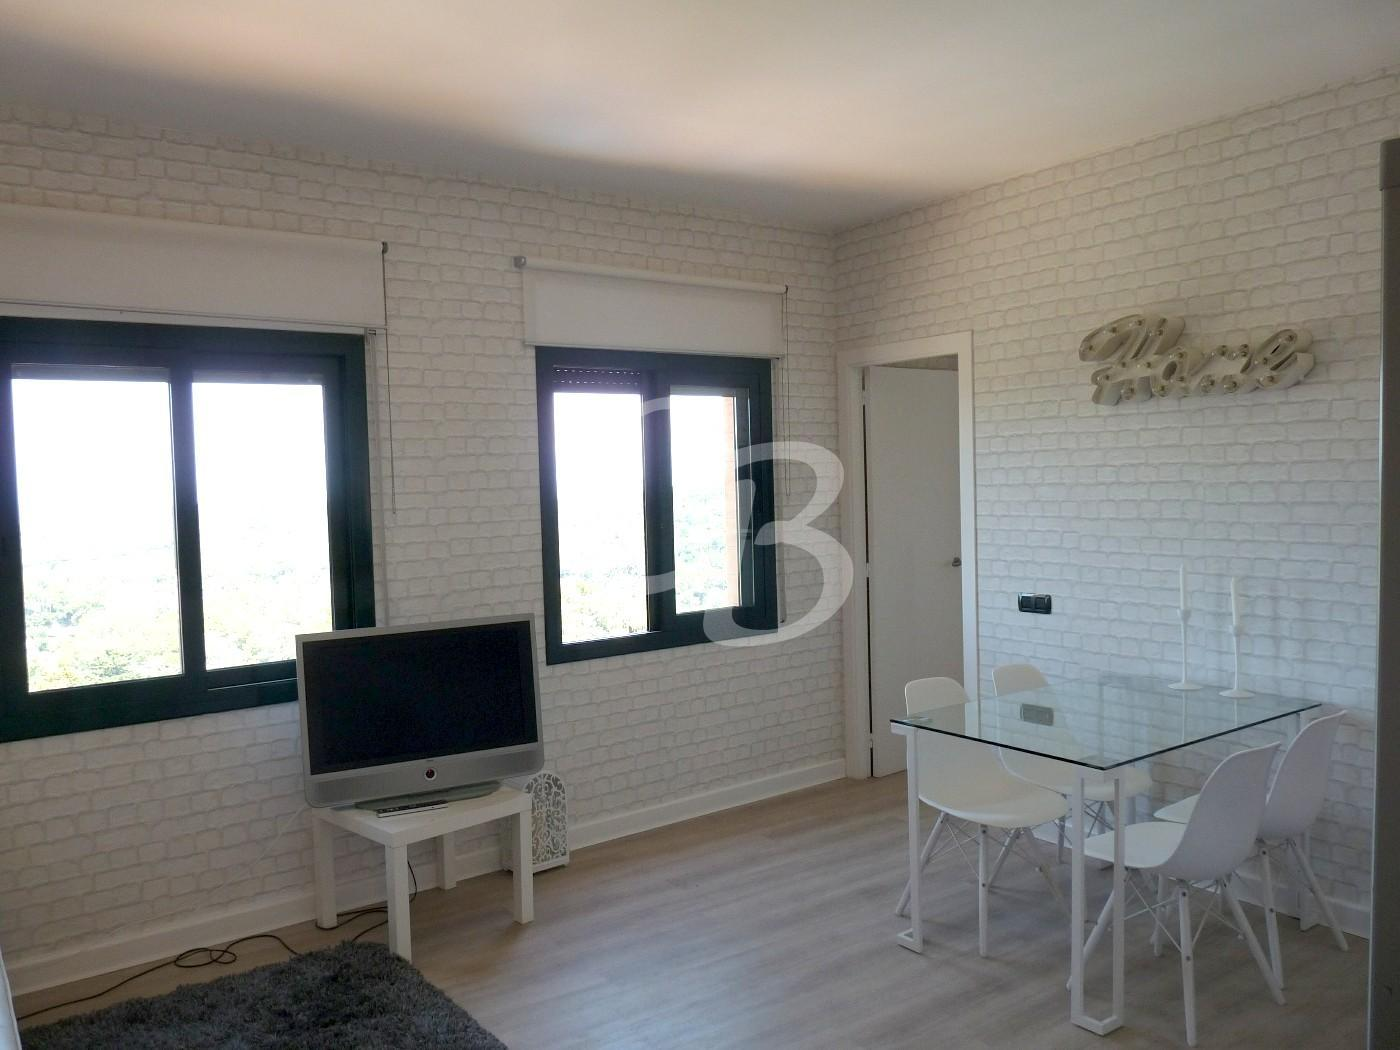 1059 APARTAMENTO EN EL CENTRO DE BEGUR CON PISCINA COMUNITARIA Apartment Centre Begur